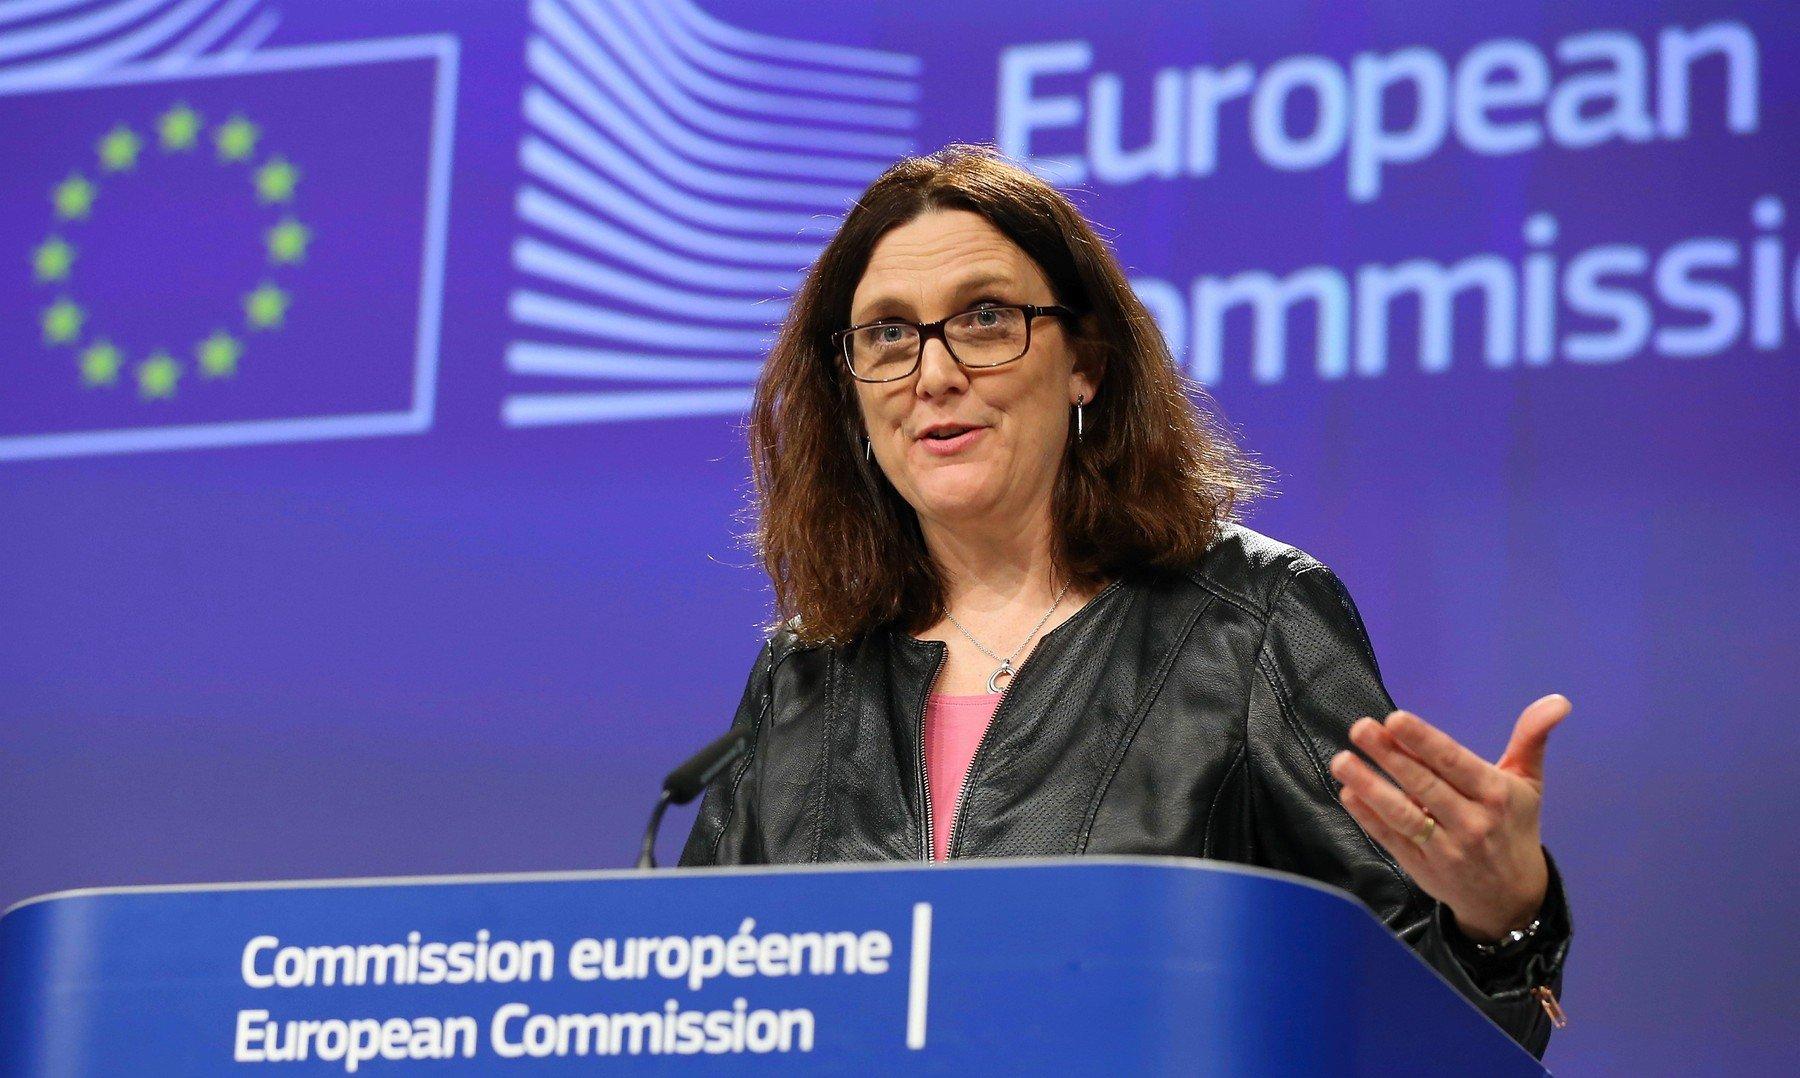 Povjerenica Europske komisije za trgovinu Cecilia Malmstrom